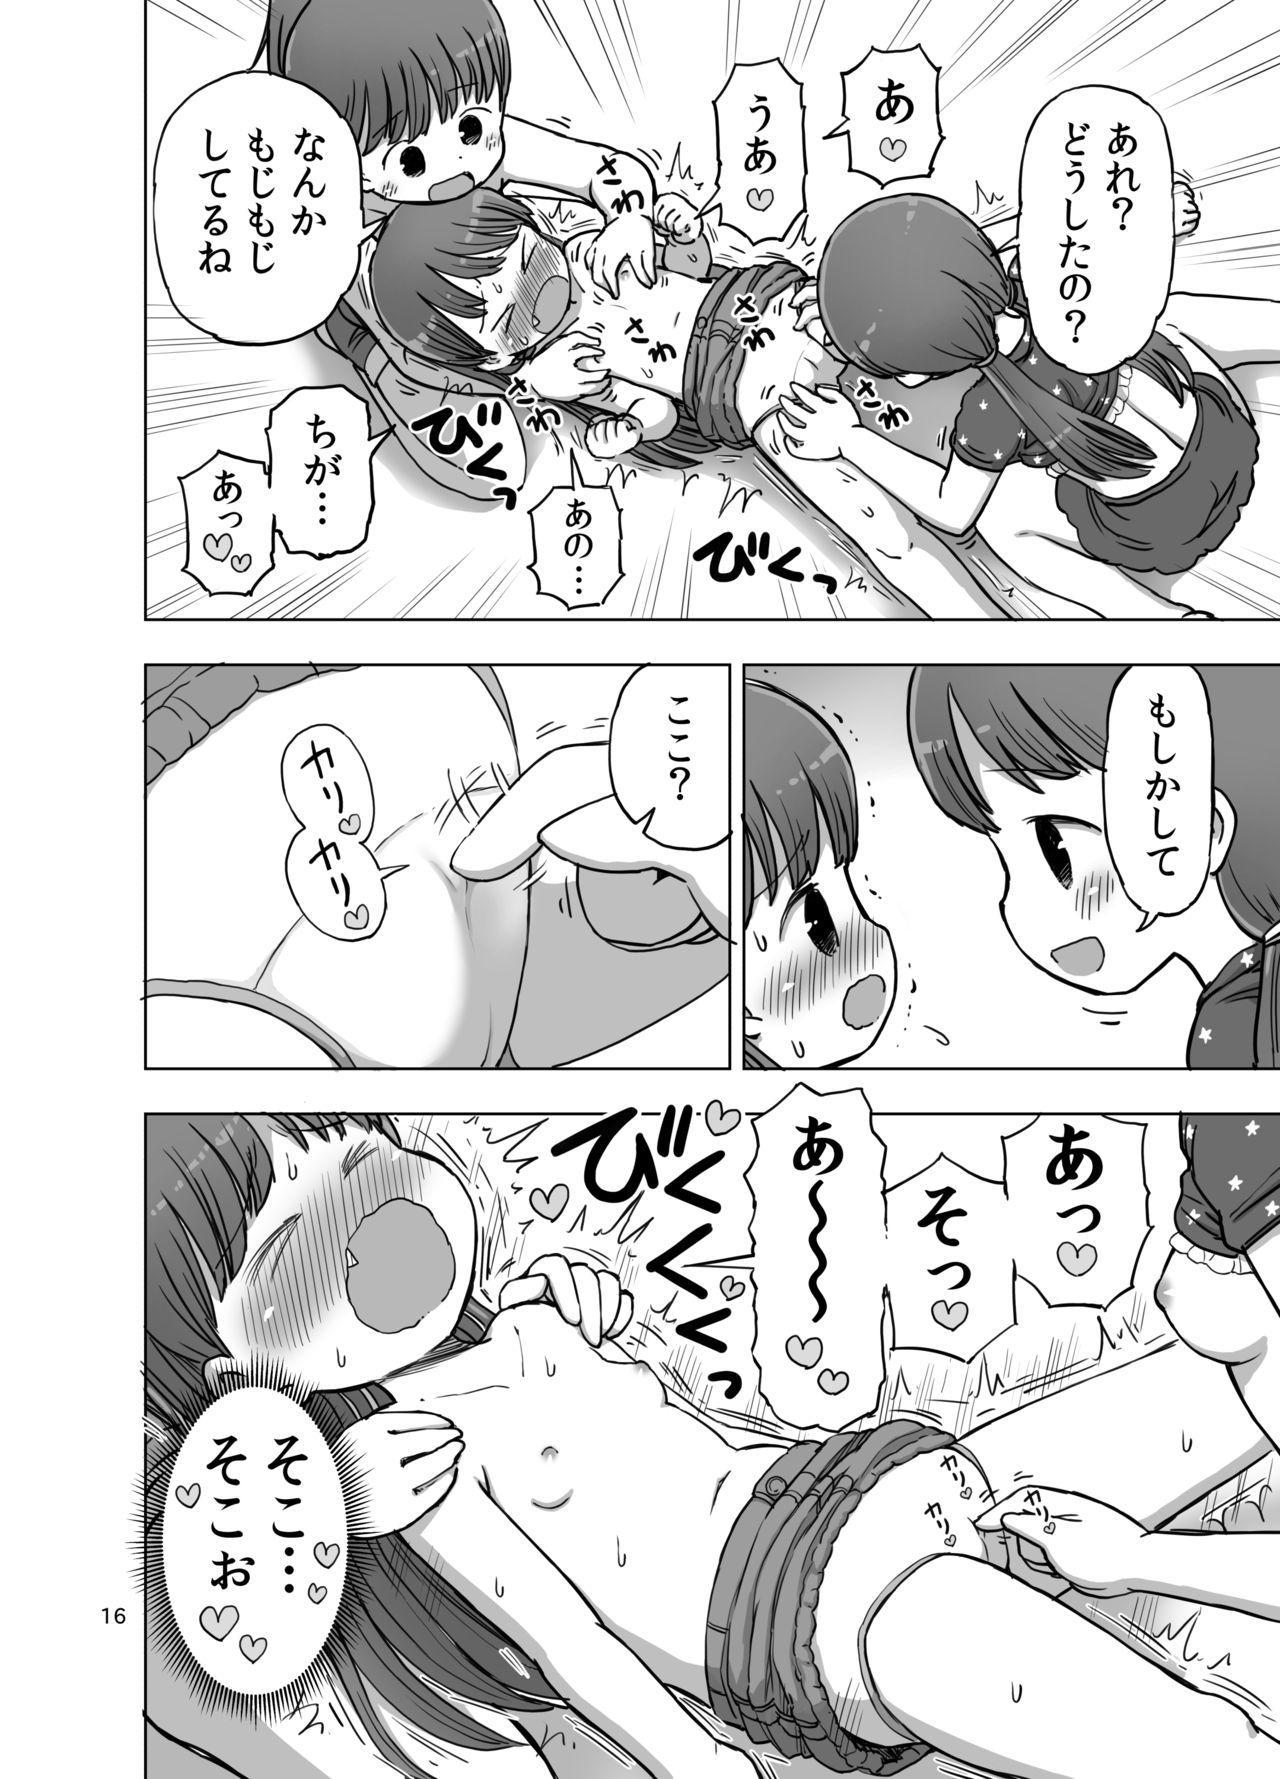 Feather Touch de Jirasarete Onanie Shichau Manga 14